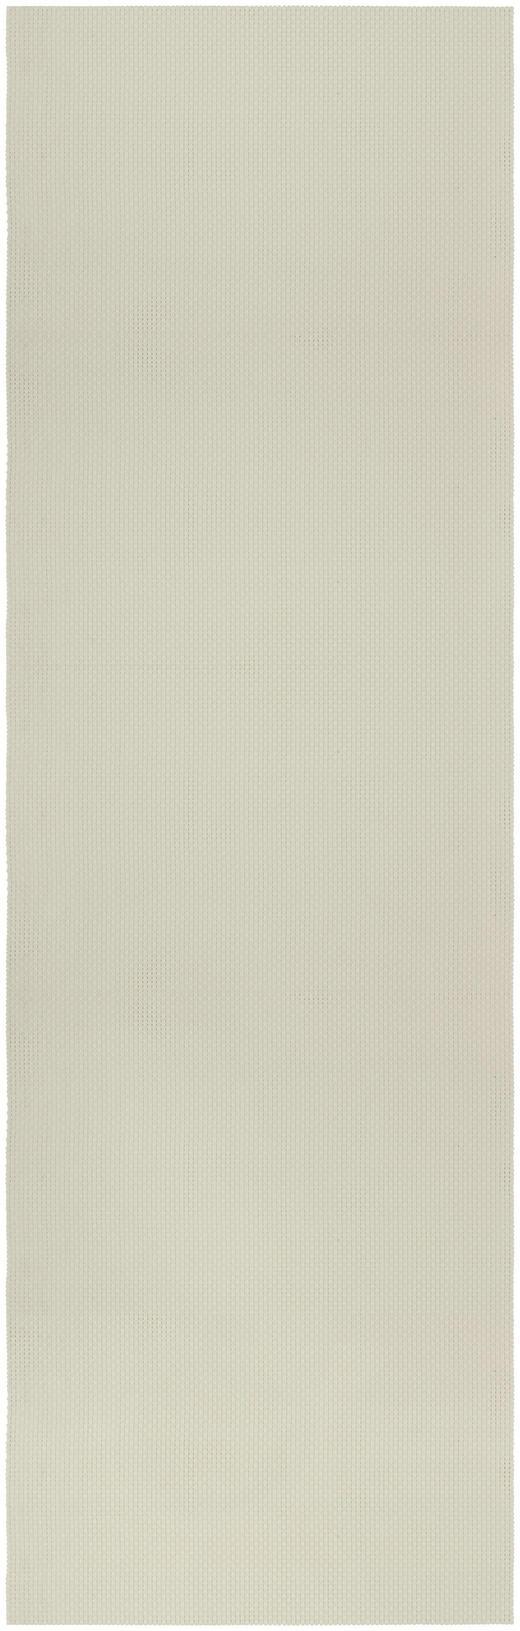 TISCHLÄUFER 45/150 cm - Weiß, Basics, Textil (45/150cm) - Homeware